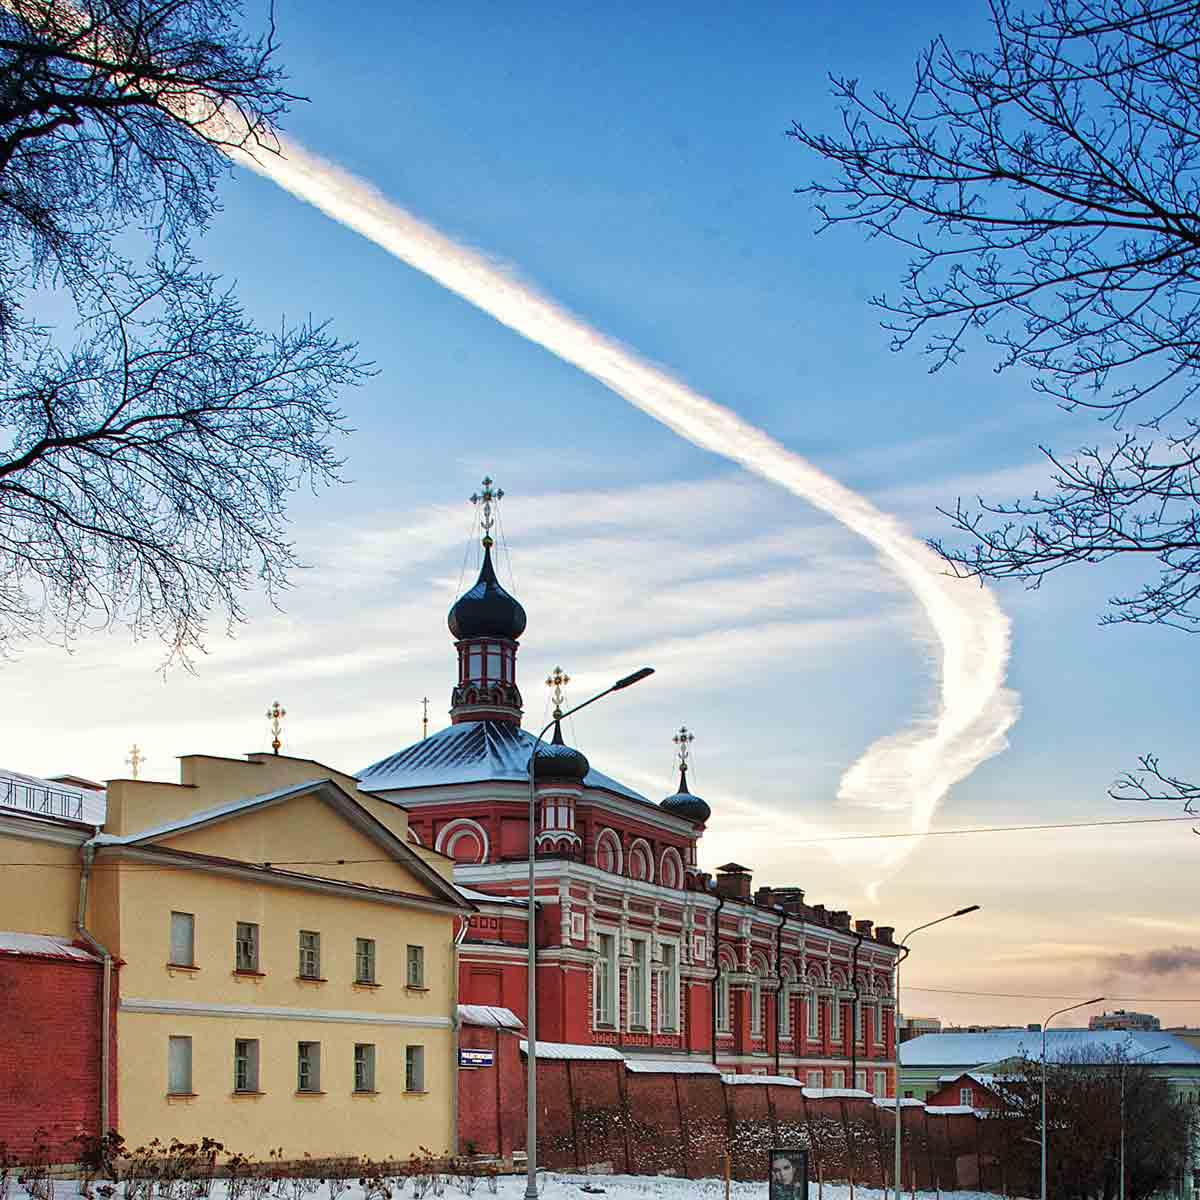 Фото к эескурсии по Москве. Ю.Звездкин